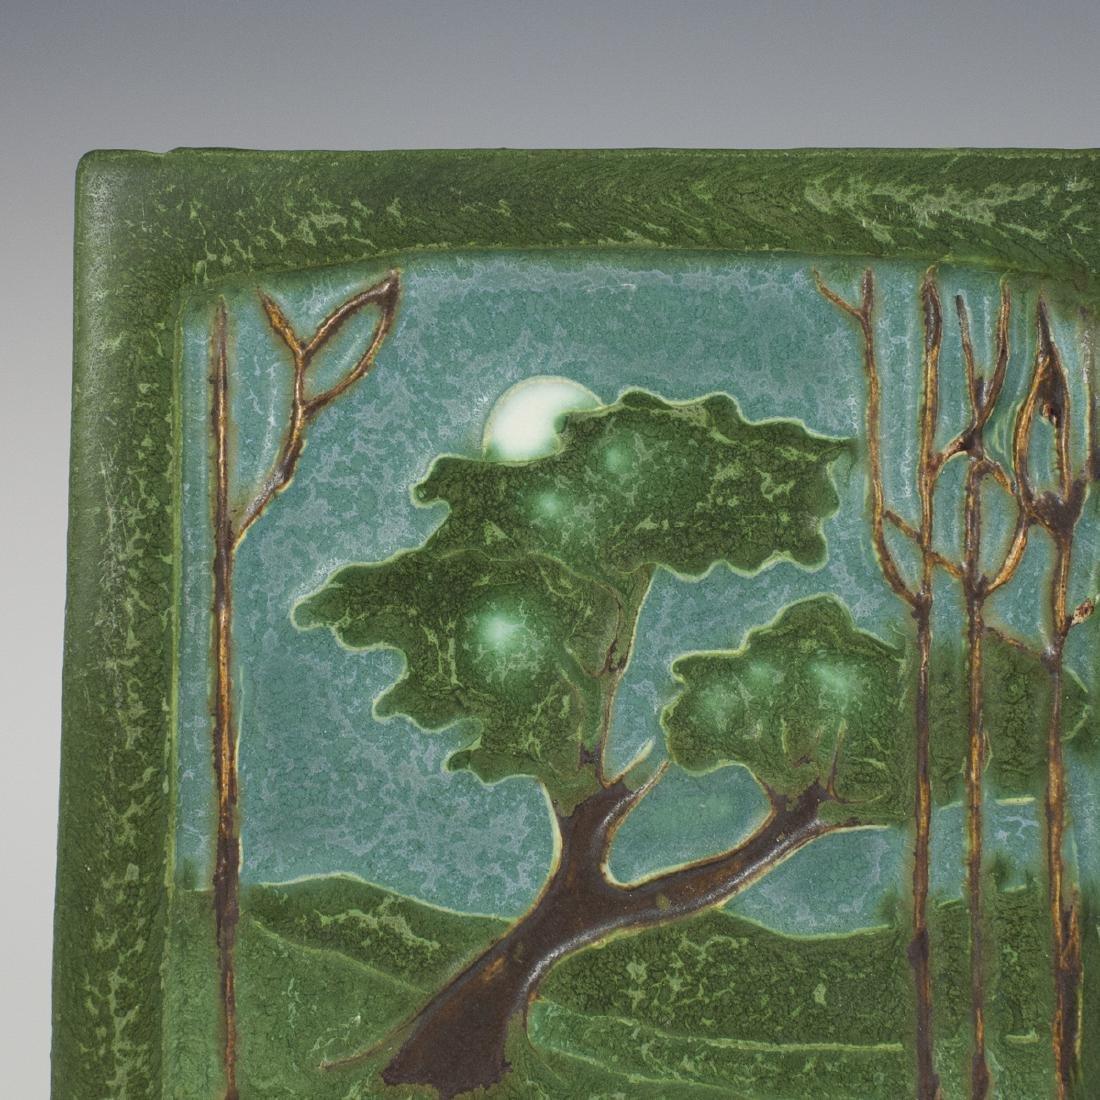 Ephraim Faience Pottery Tiles - 3